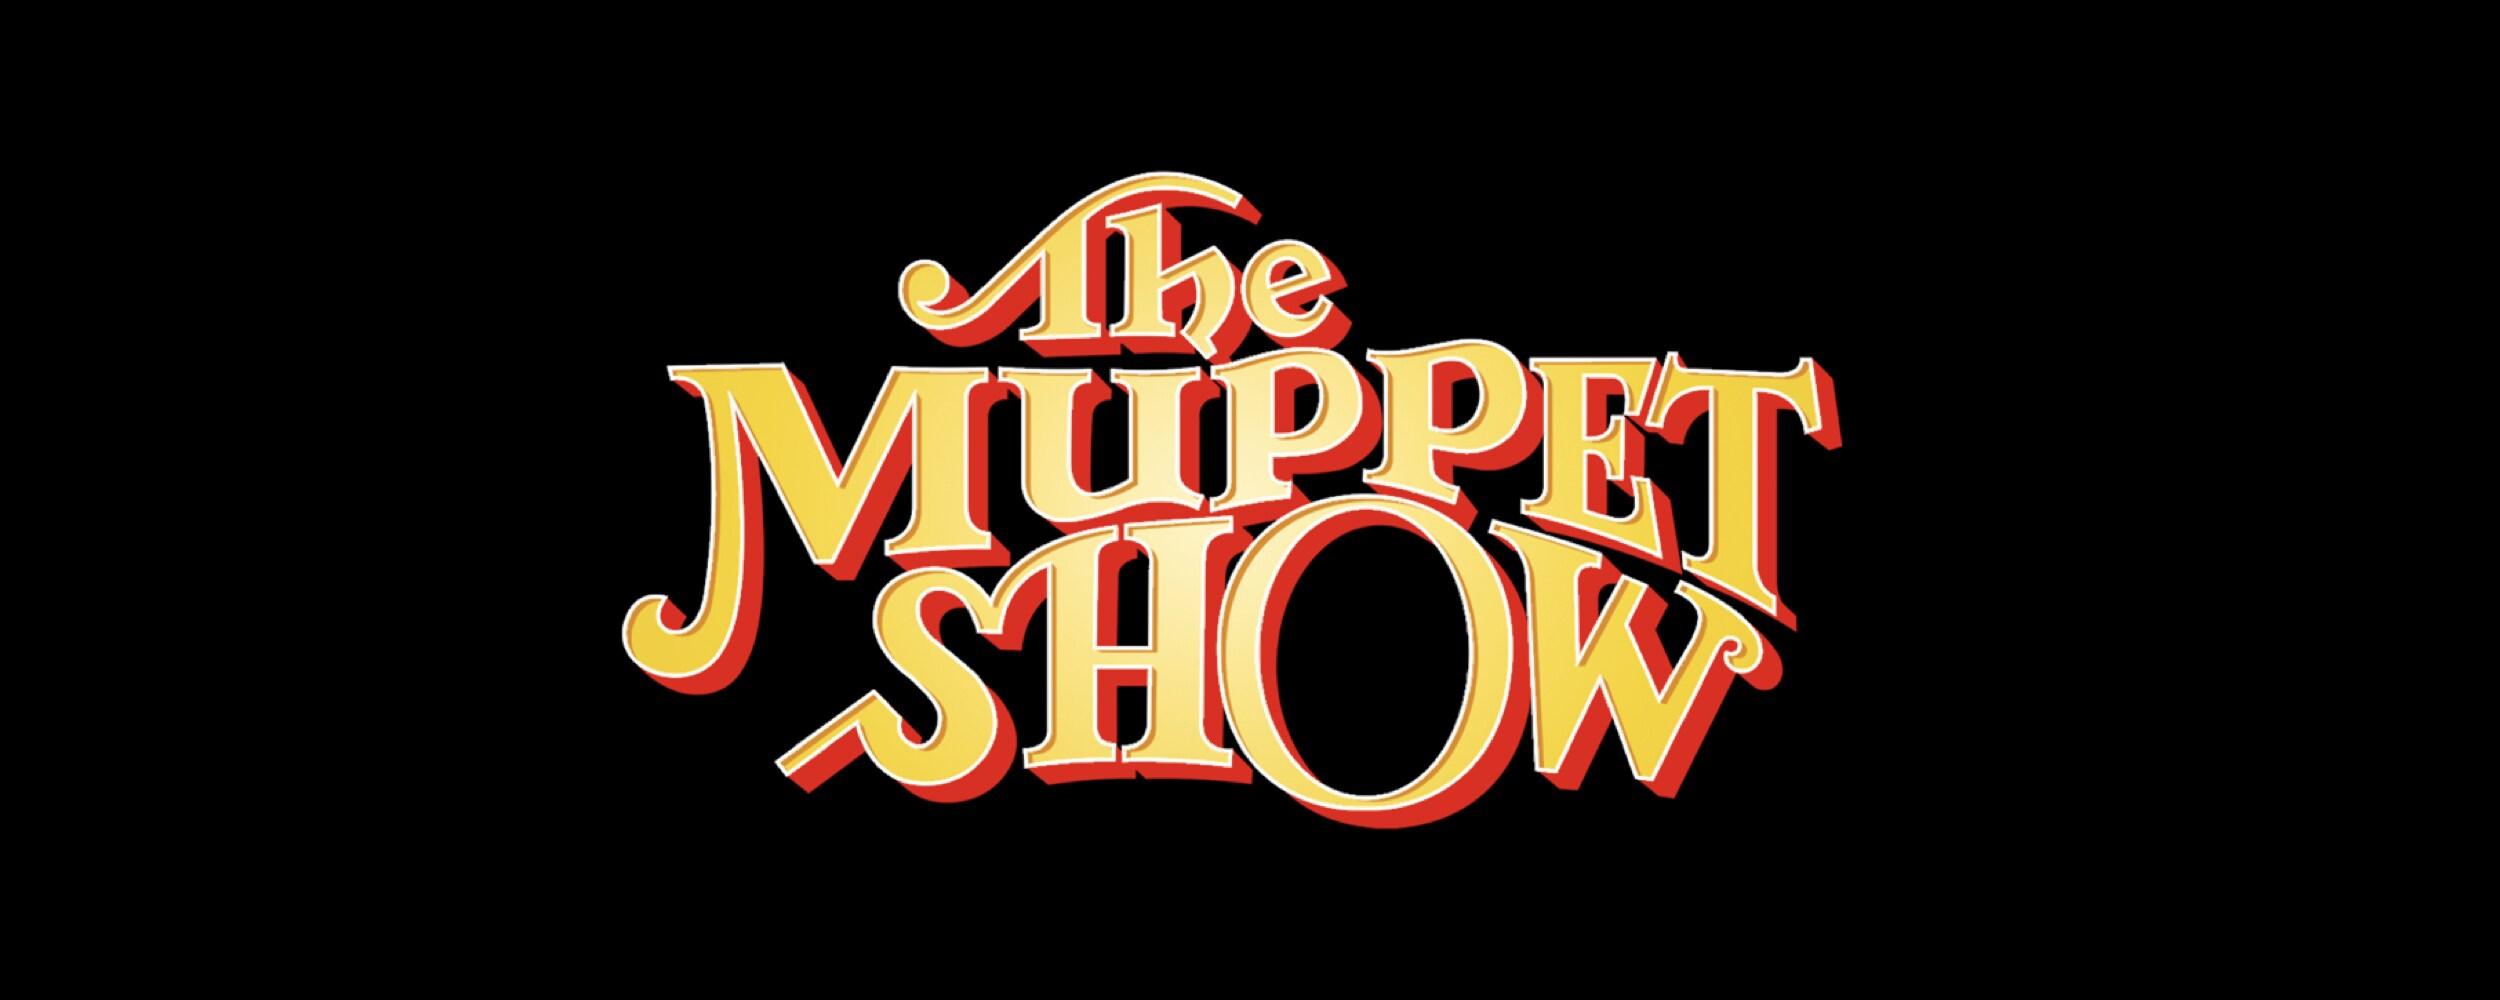 Nieuwe releases in februari 2021 op Disney Plus - The Muppet Show